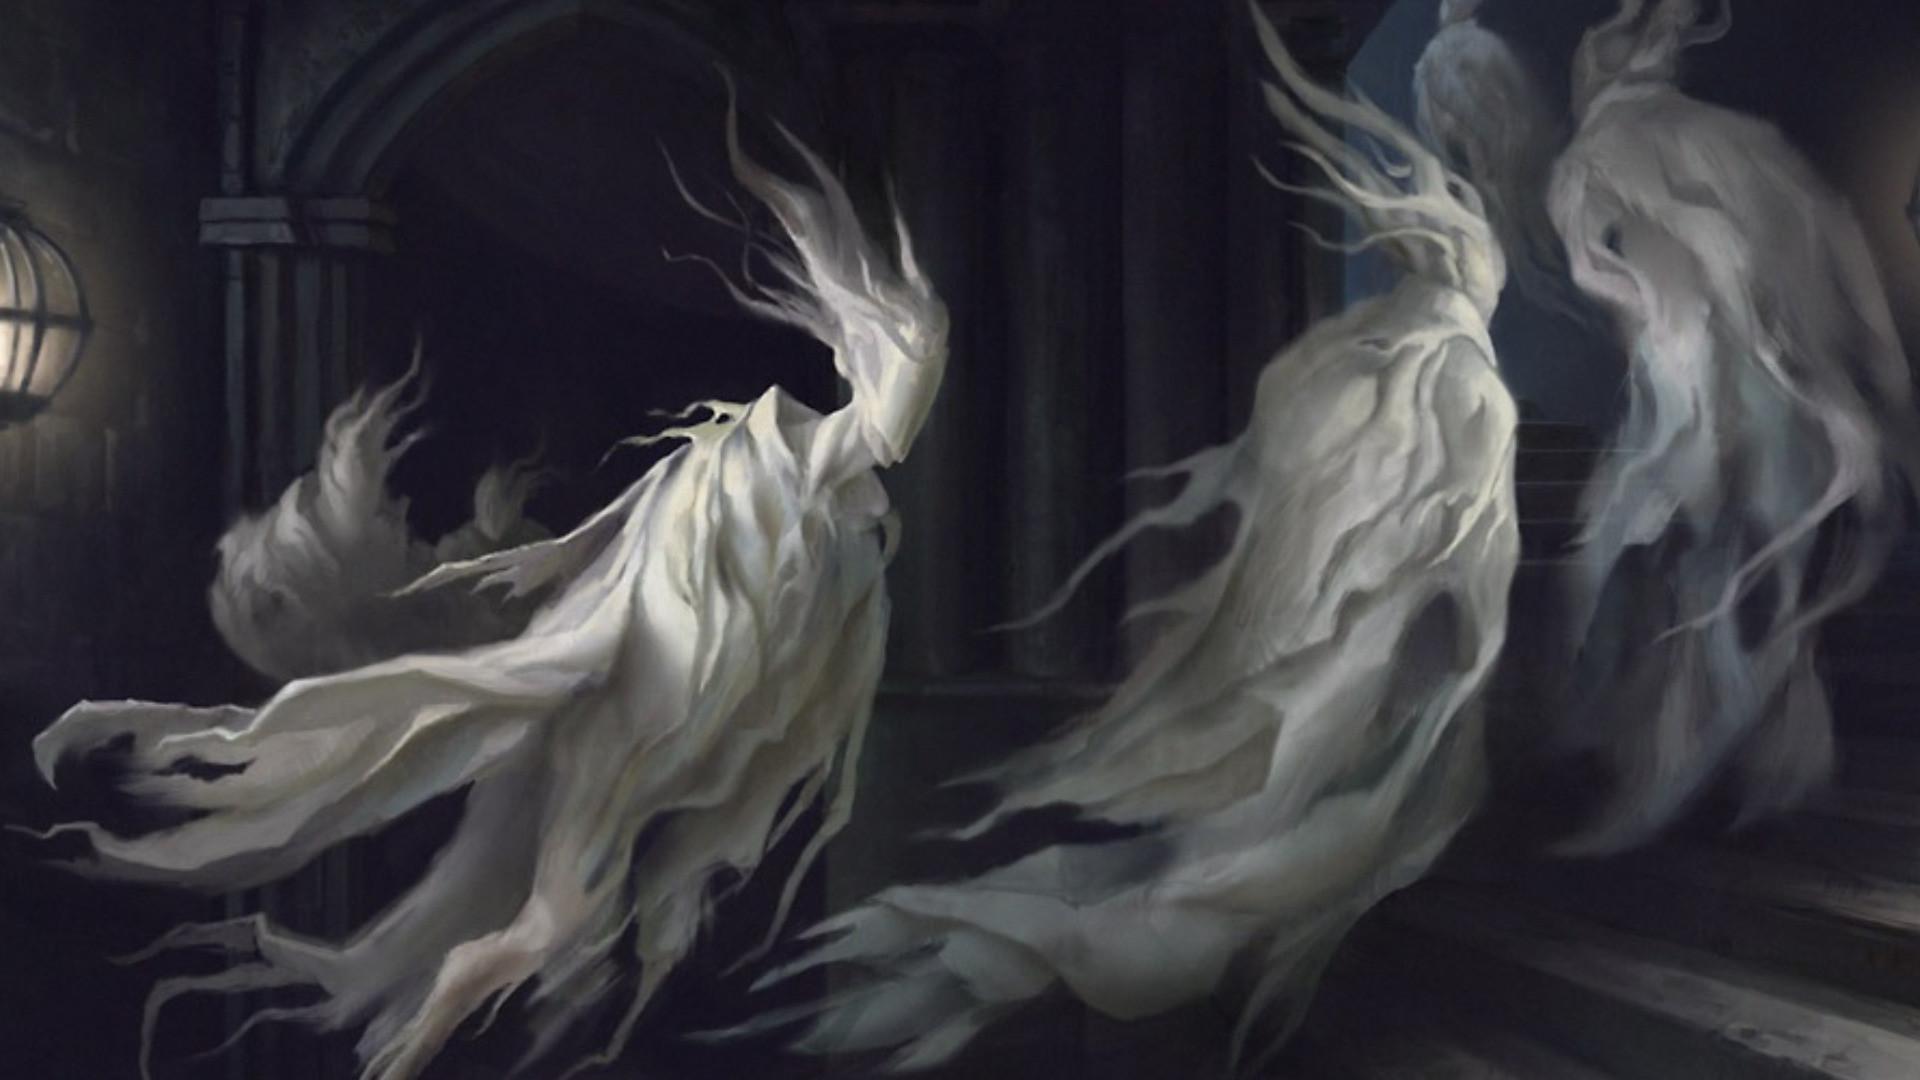 Ghost Computer Wallpapers, Desktop Backgrounds     ID:266721